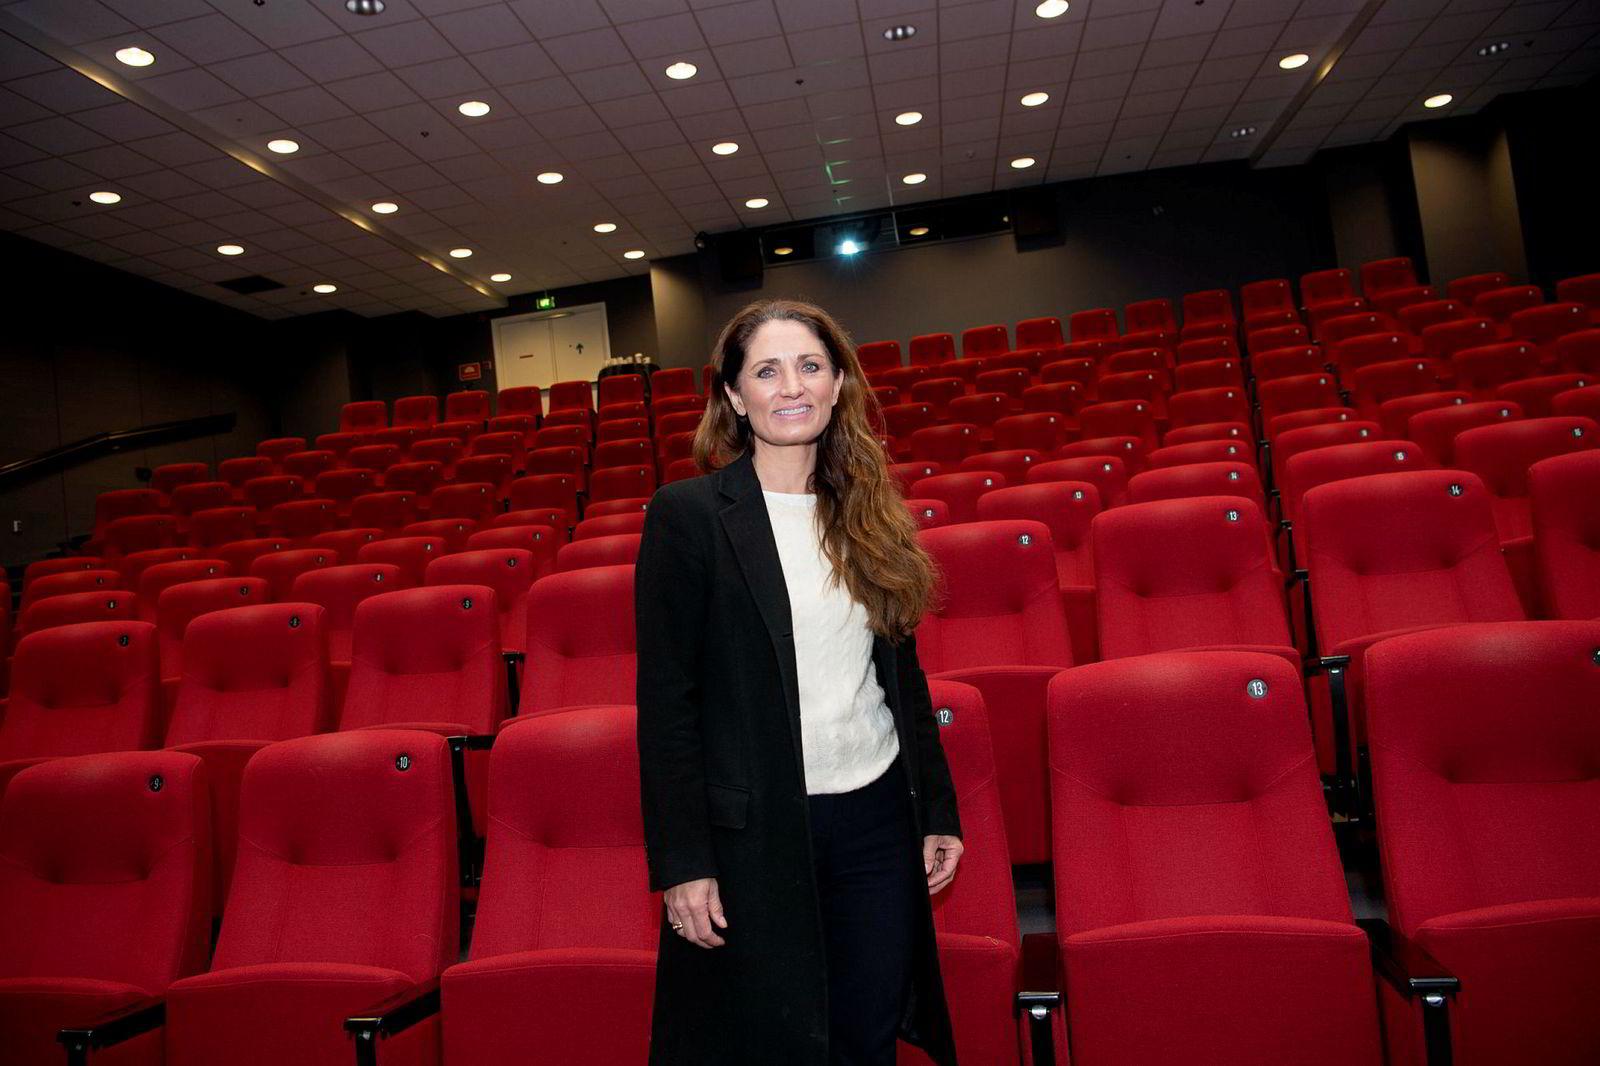 Tine Wollebekk skal overta sjefsjobben. Hun er bare innom på presentasjonen.